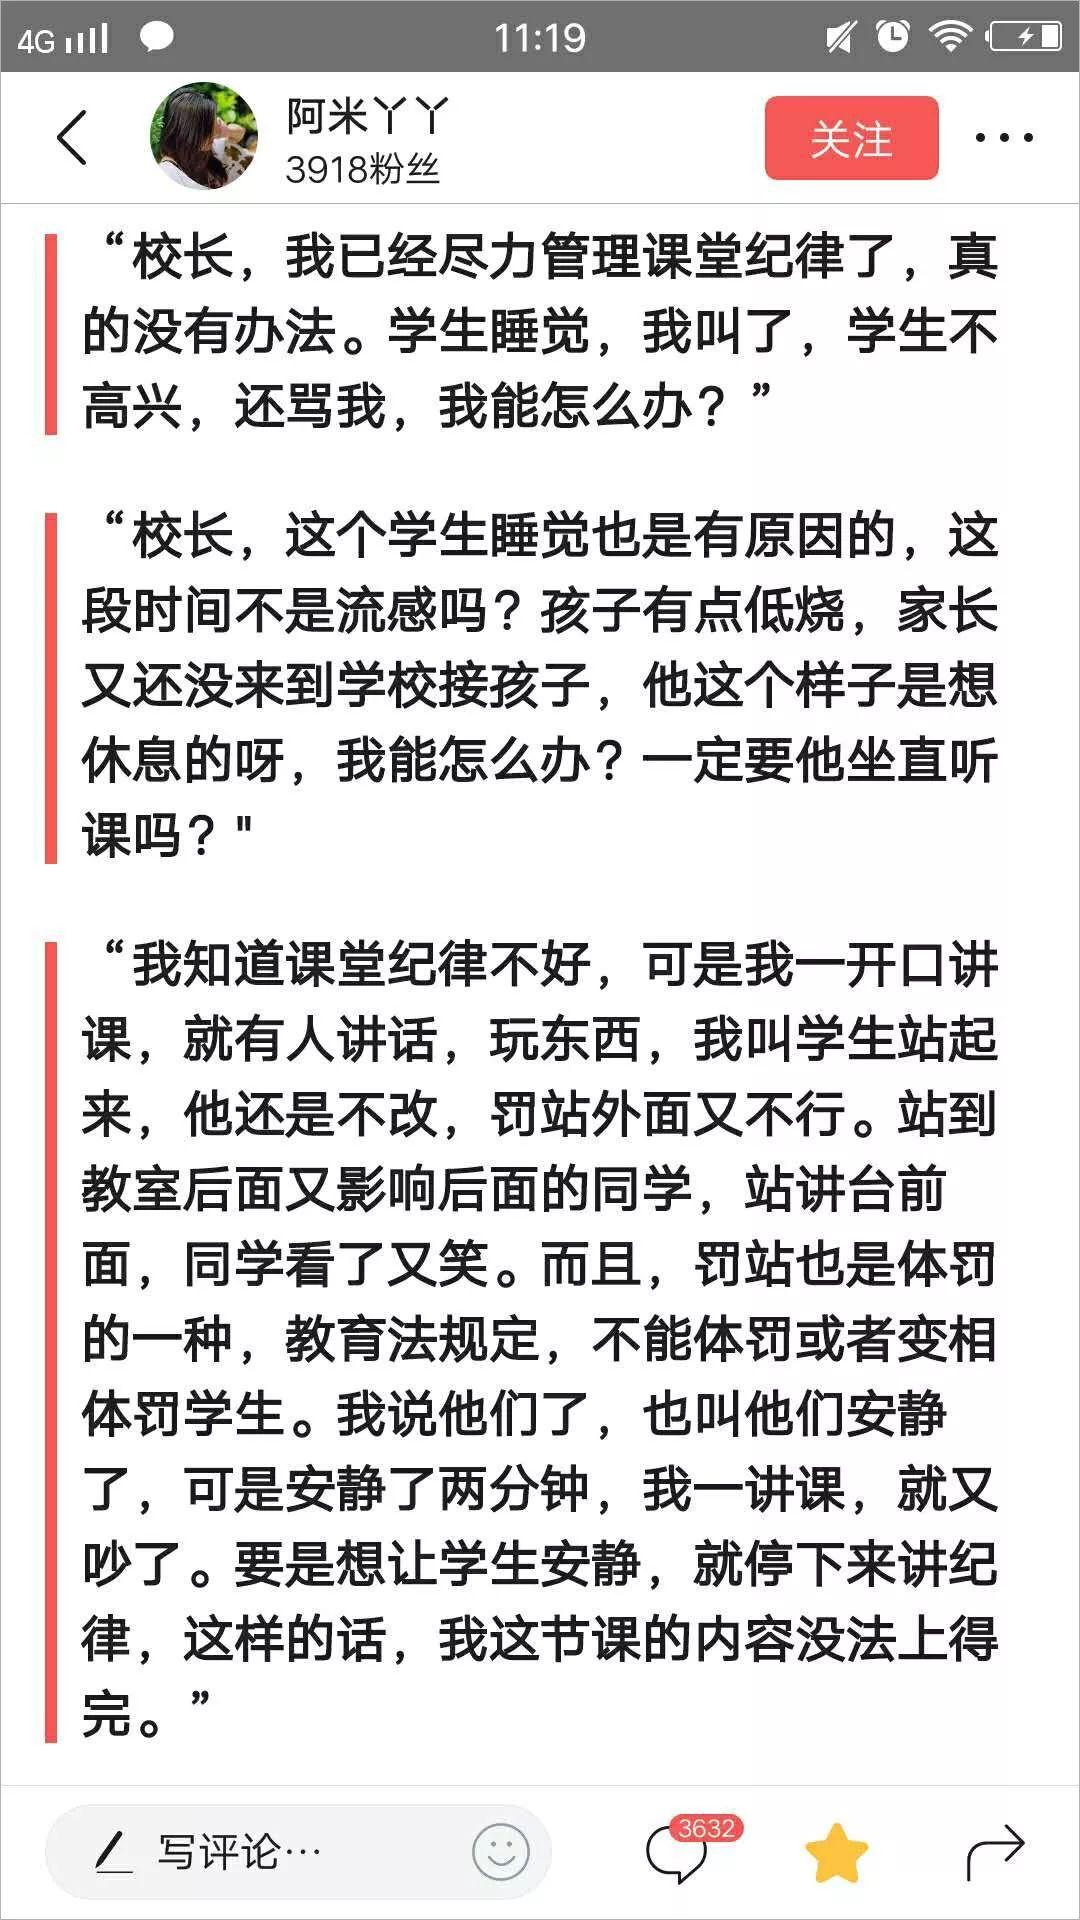 中国孩子的求学之路:老师是悟空,妈妈是沙僧,爸爸是八戒